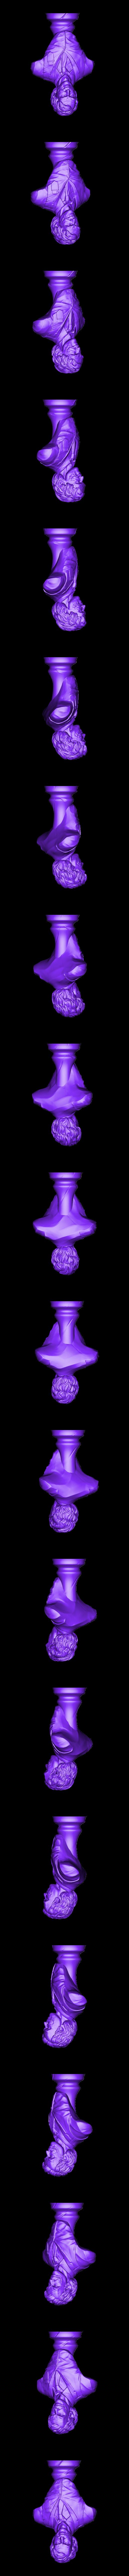 Dzhoker_byust.stl Télécharger fichier STL gratuit Buste de joker • Design à imprimer en 3D, Boris3dStudio